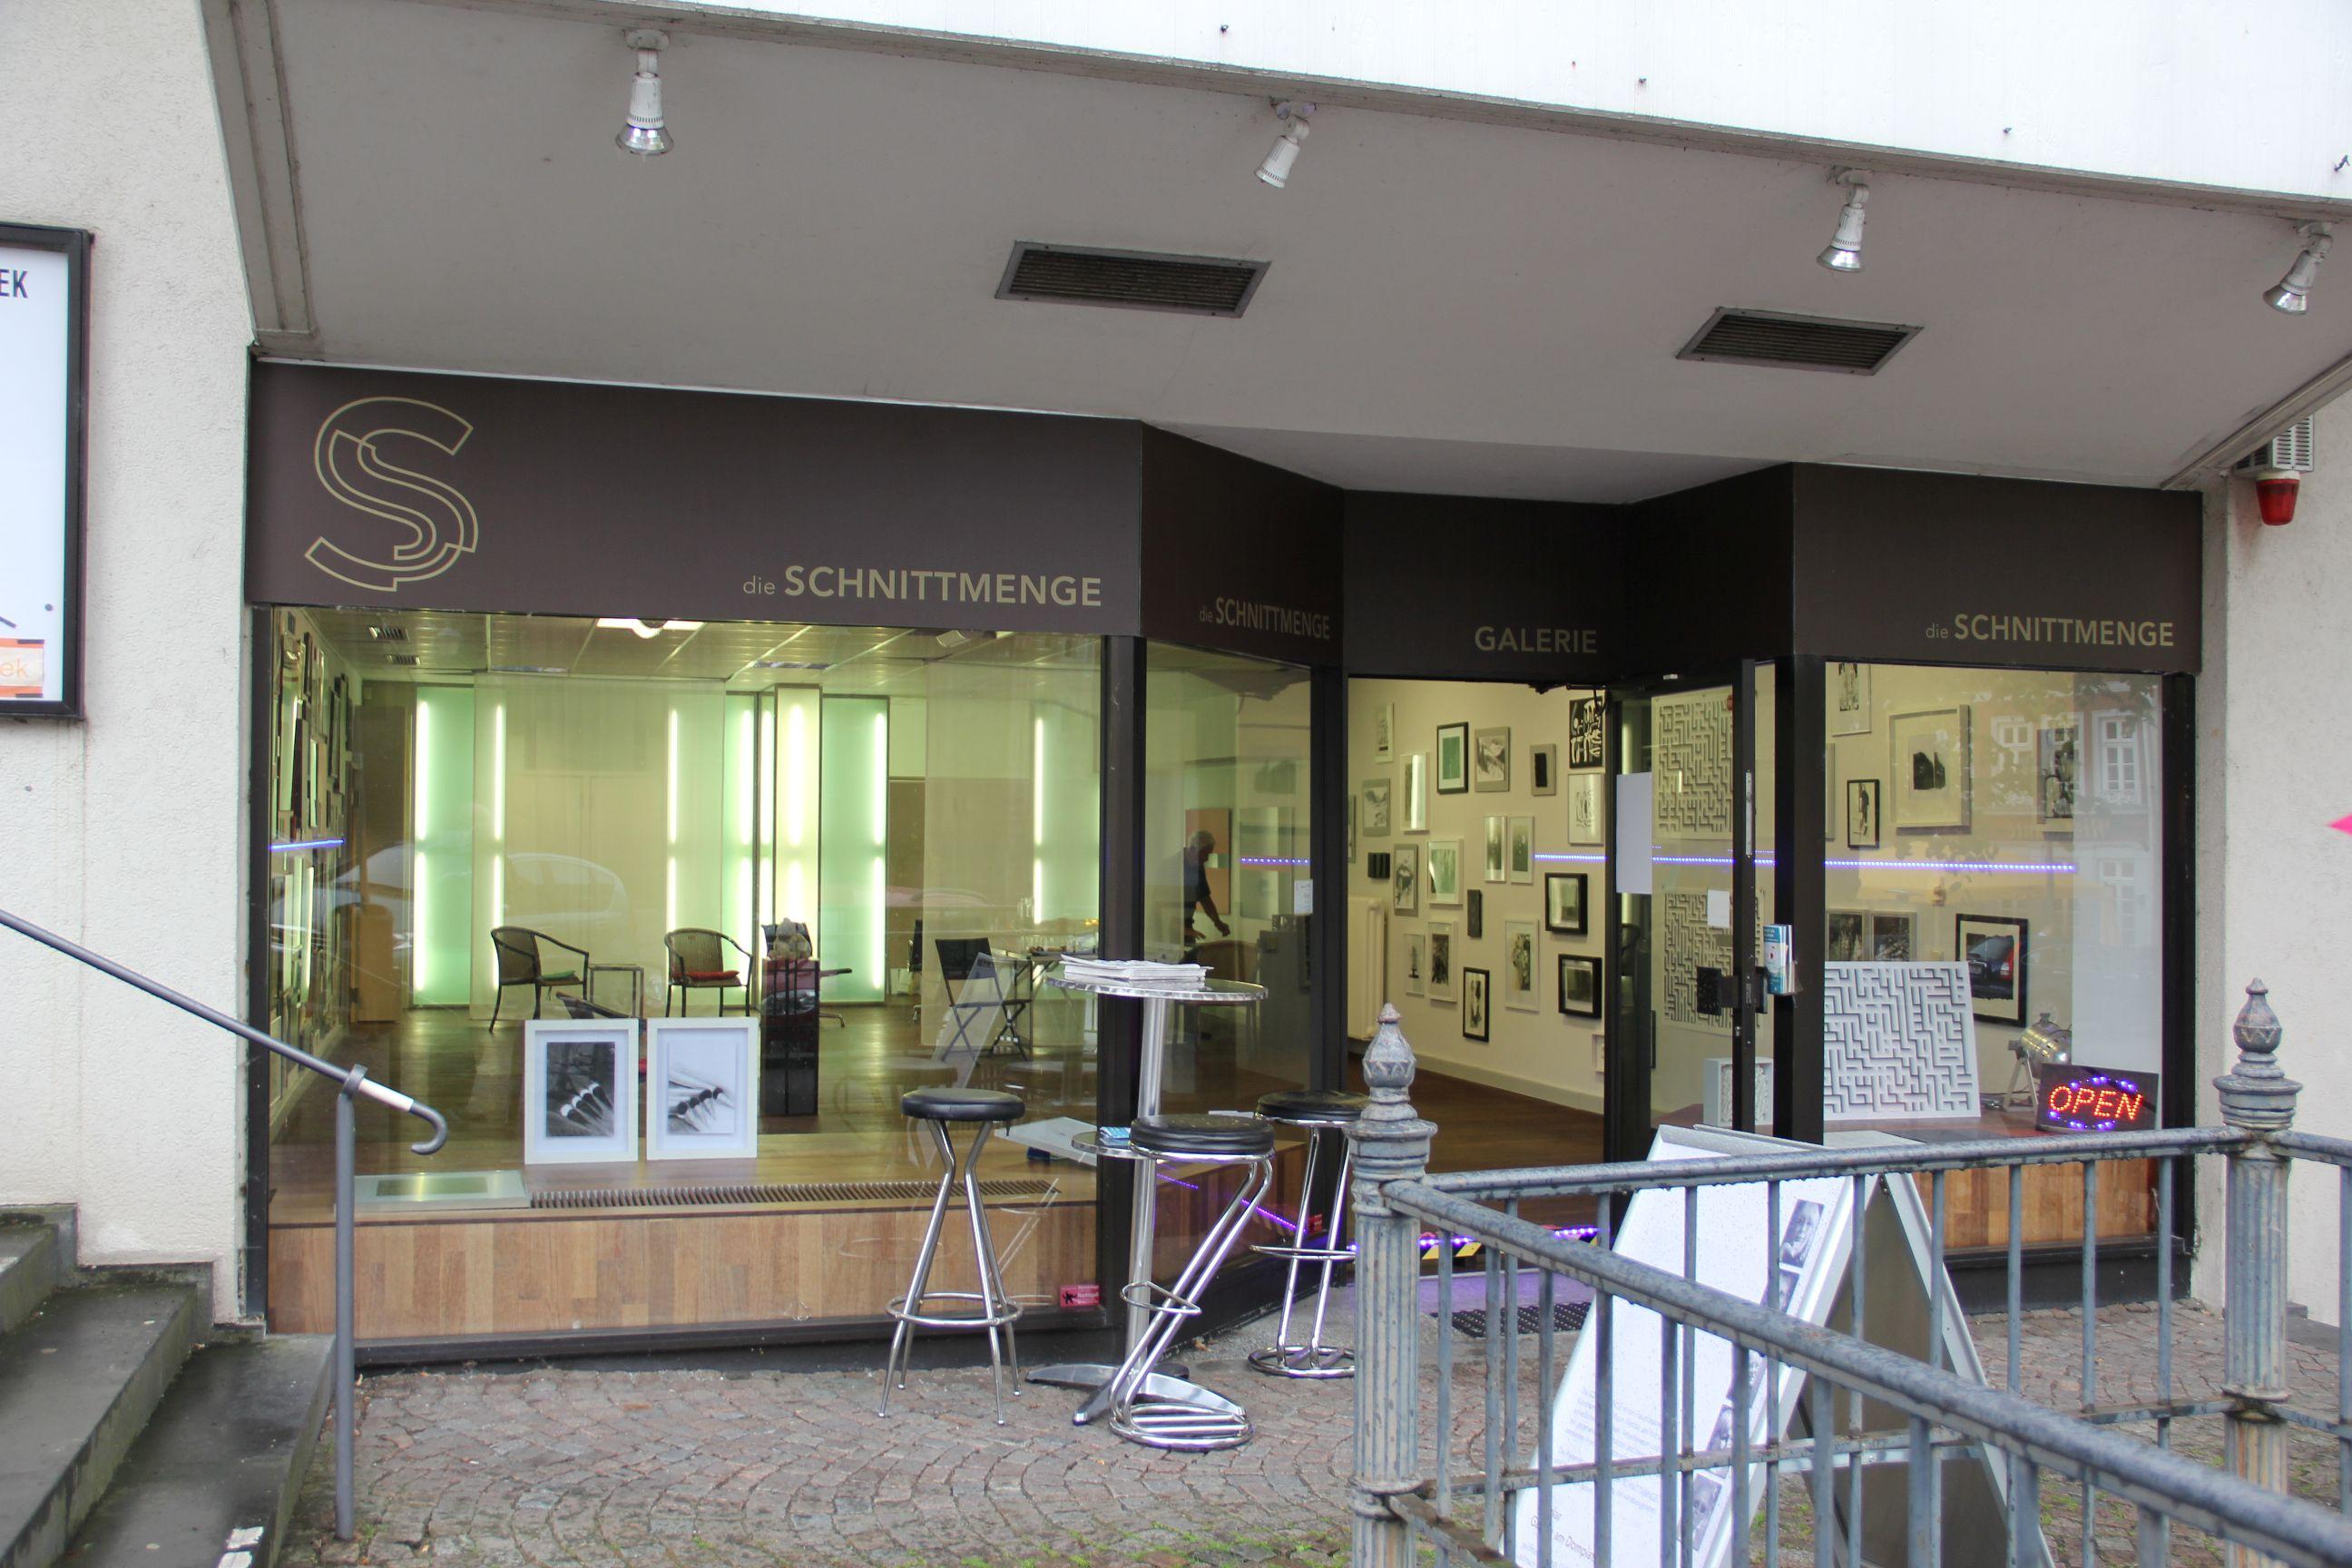 Wetzlar, Nacht der Galerien 2017 - die SCHNITTMENGE - Galerie am Domplatz